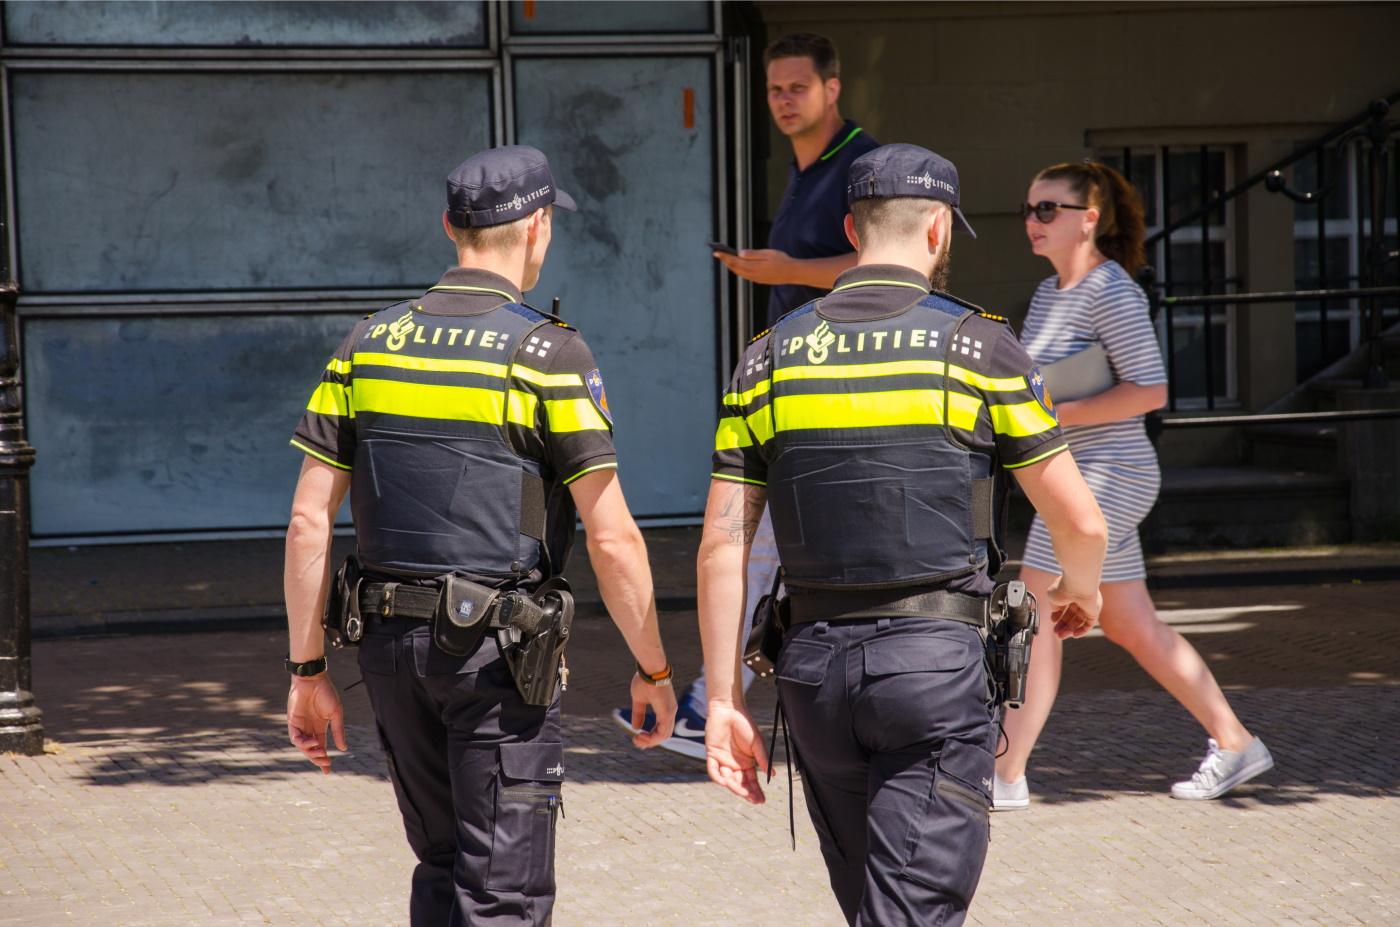 Politie Den Haag